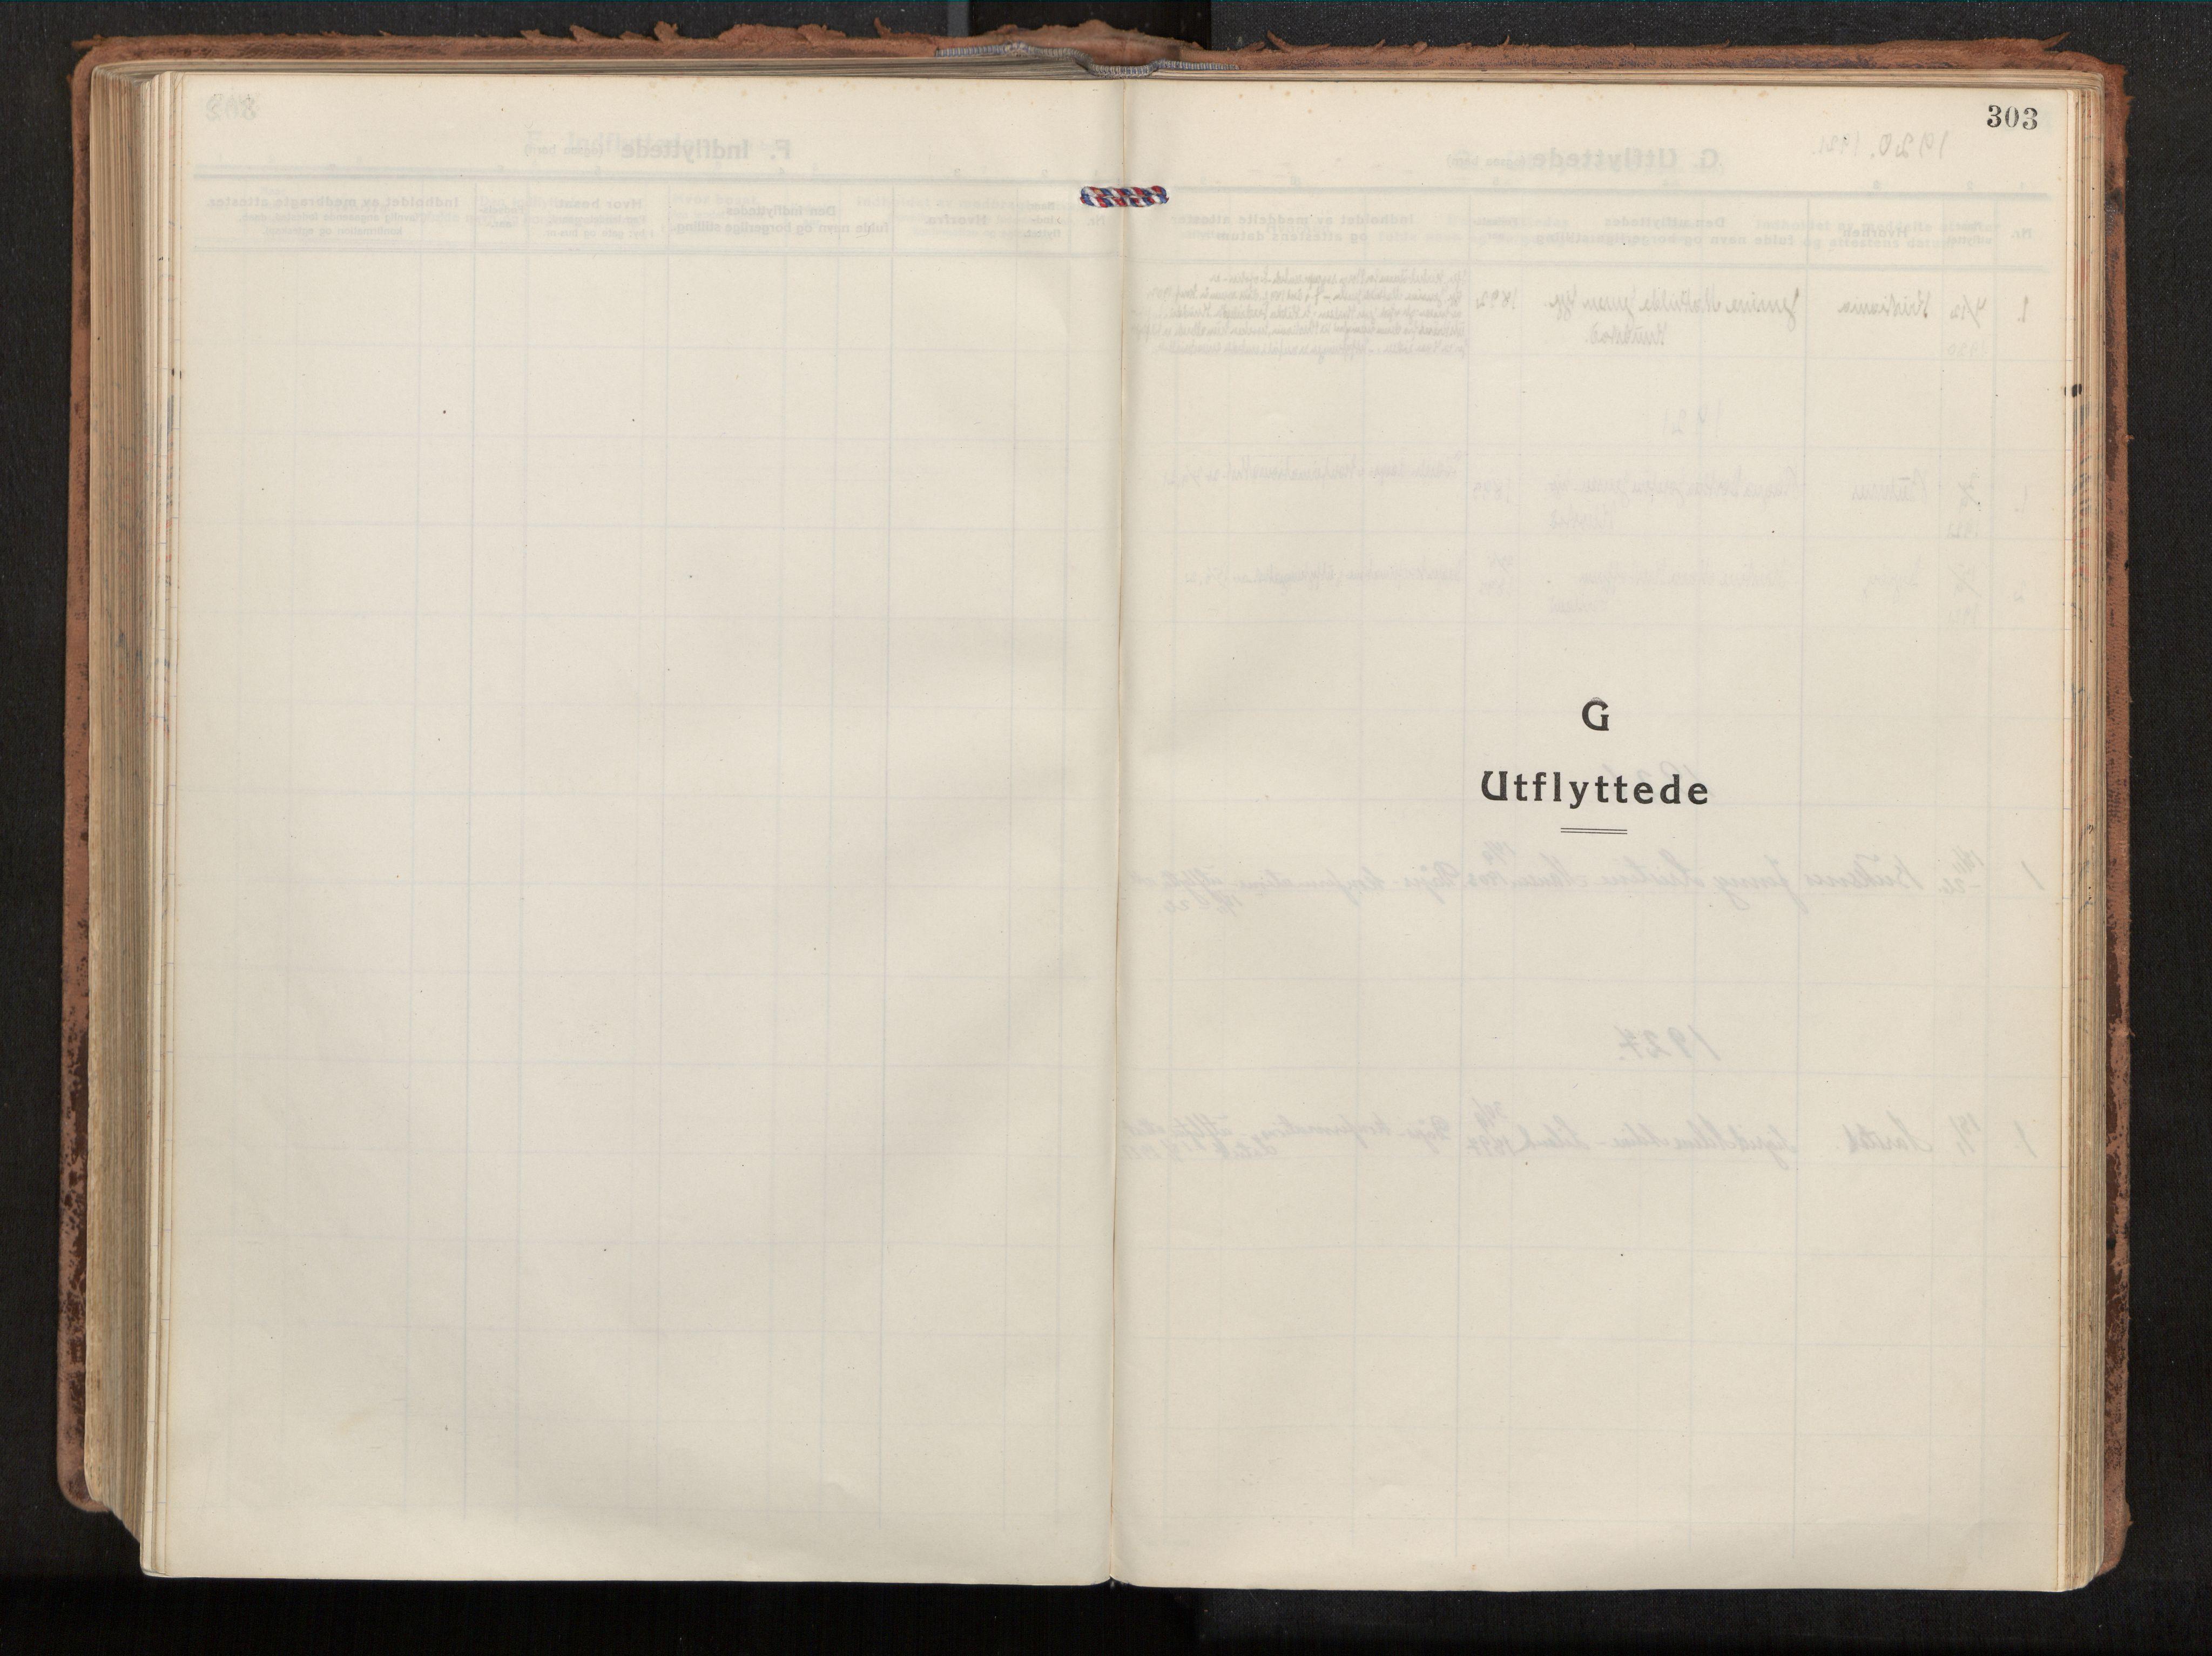 SAT, Ministerialprotokoller, klokkerbøker og fødselsregistre - Nordland, 880/L1136: Parish register (official) no. 880A10, 1919-1927, p. 303